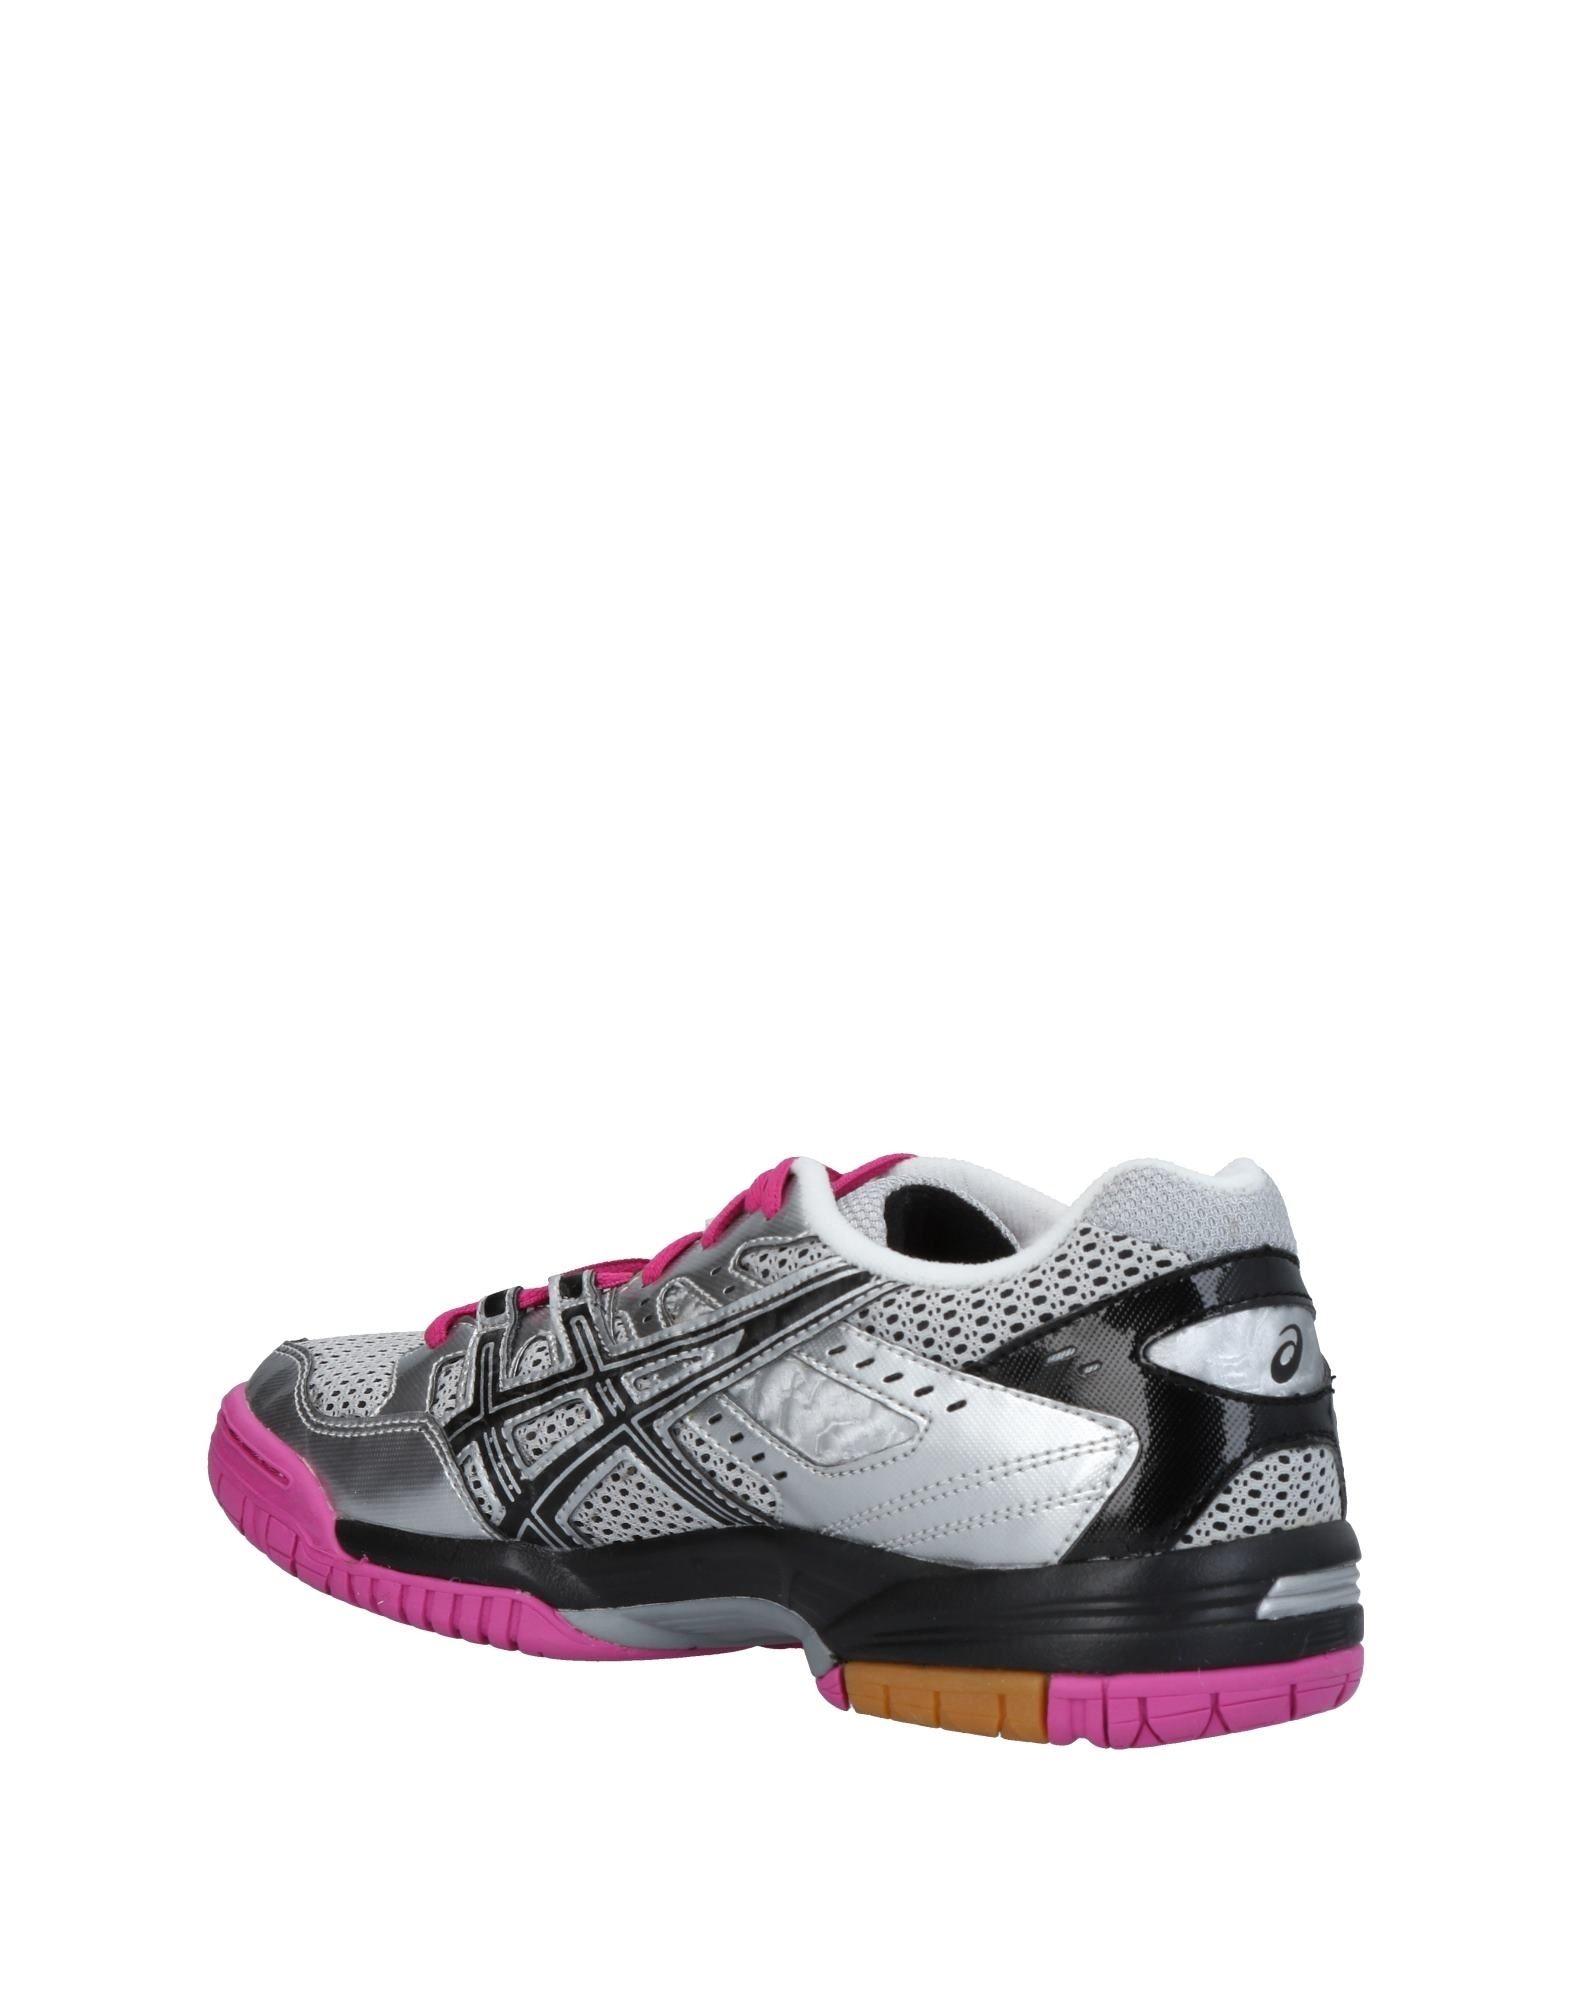 Asics Sneakers Sneakers Asics Damen  11428263WL  7b7b89